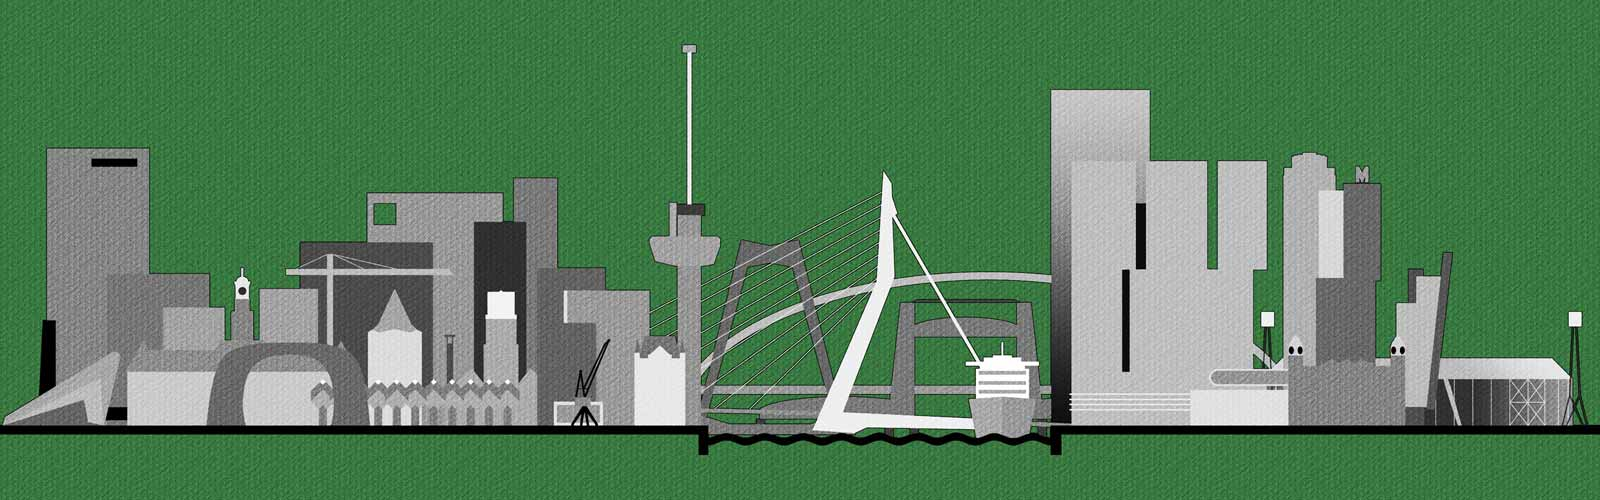 Grafische weergave van de skyline van Rotterdam met de belangrijkste gebouwen, bruggen en andere iconen, geprint op een groen t-shirt